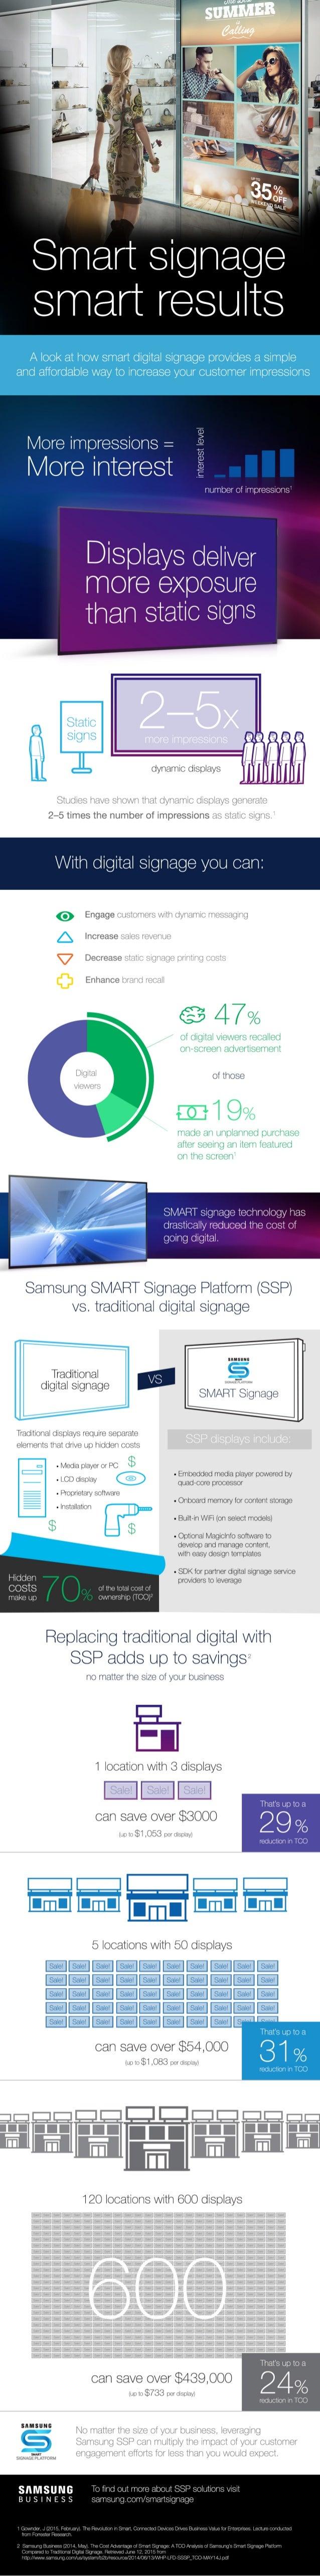 Smart Signage, Smart Results